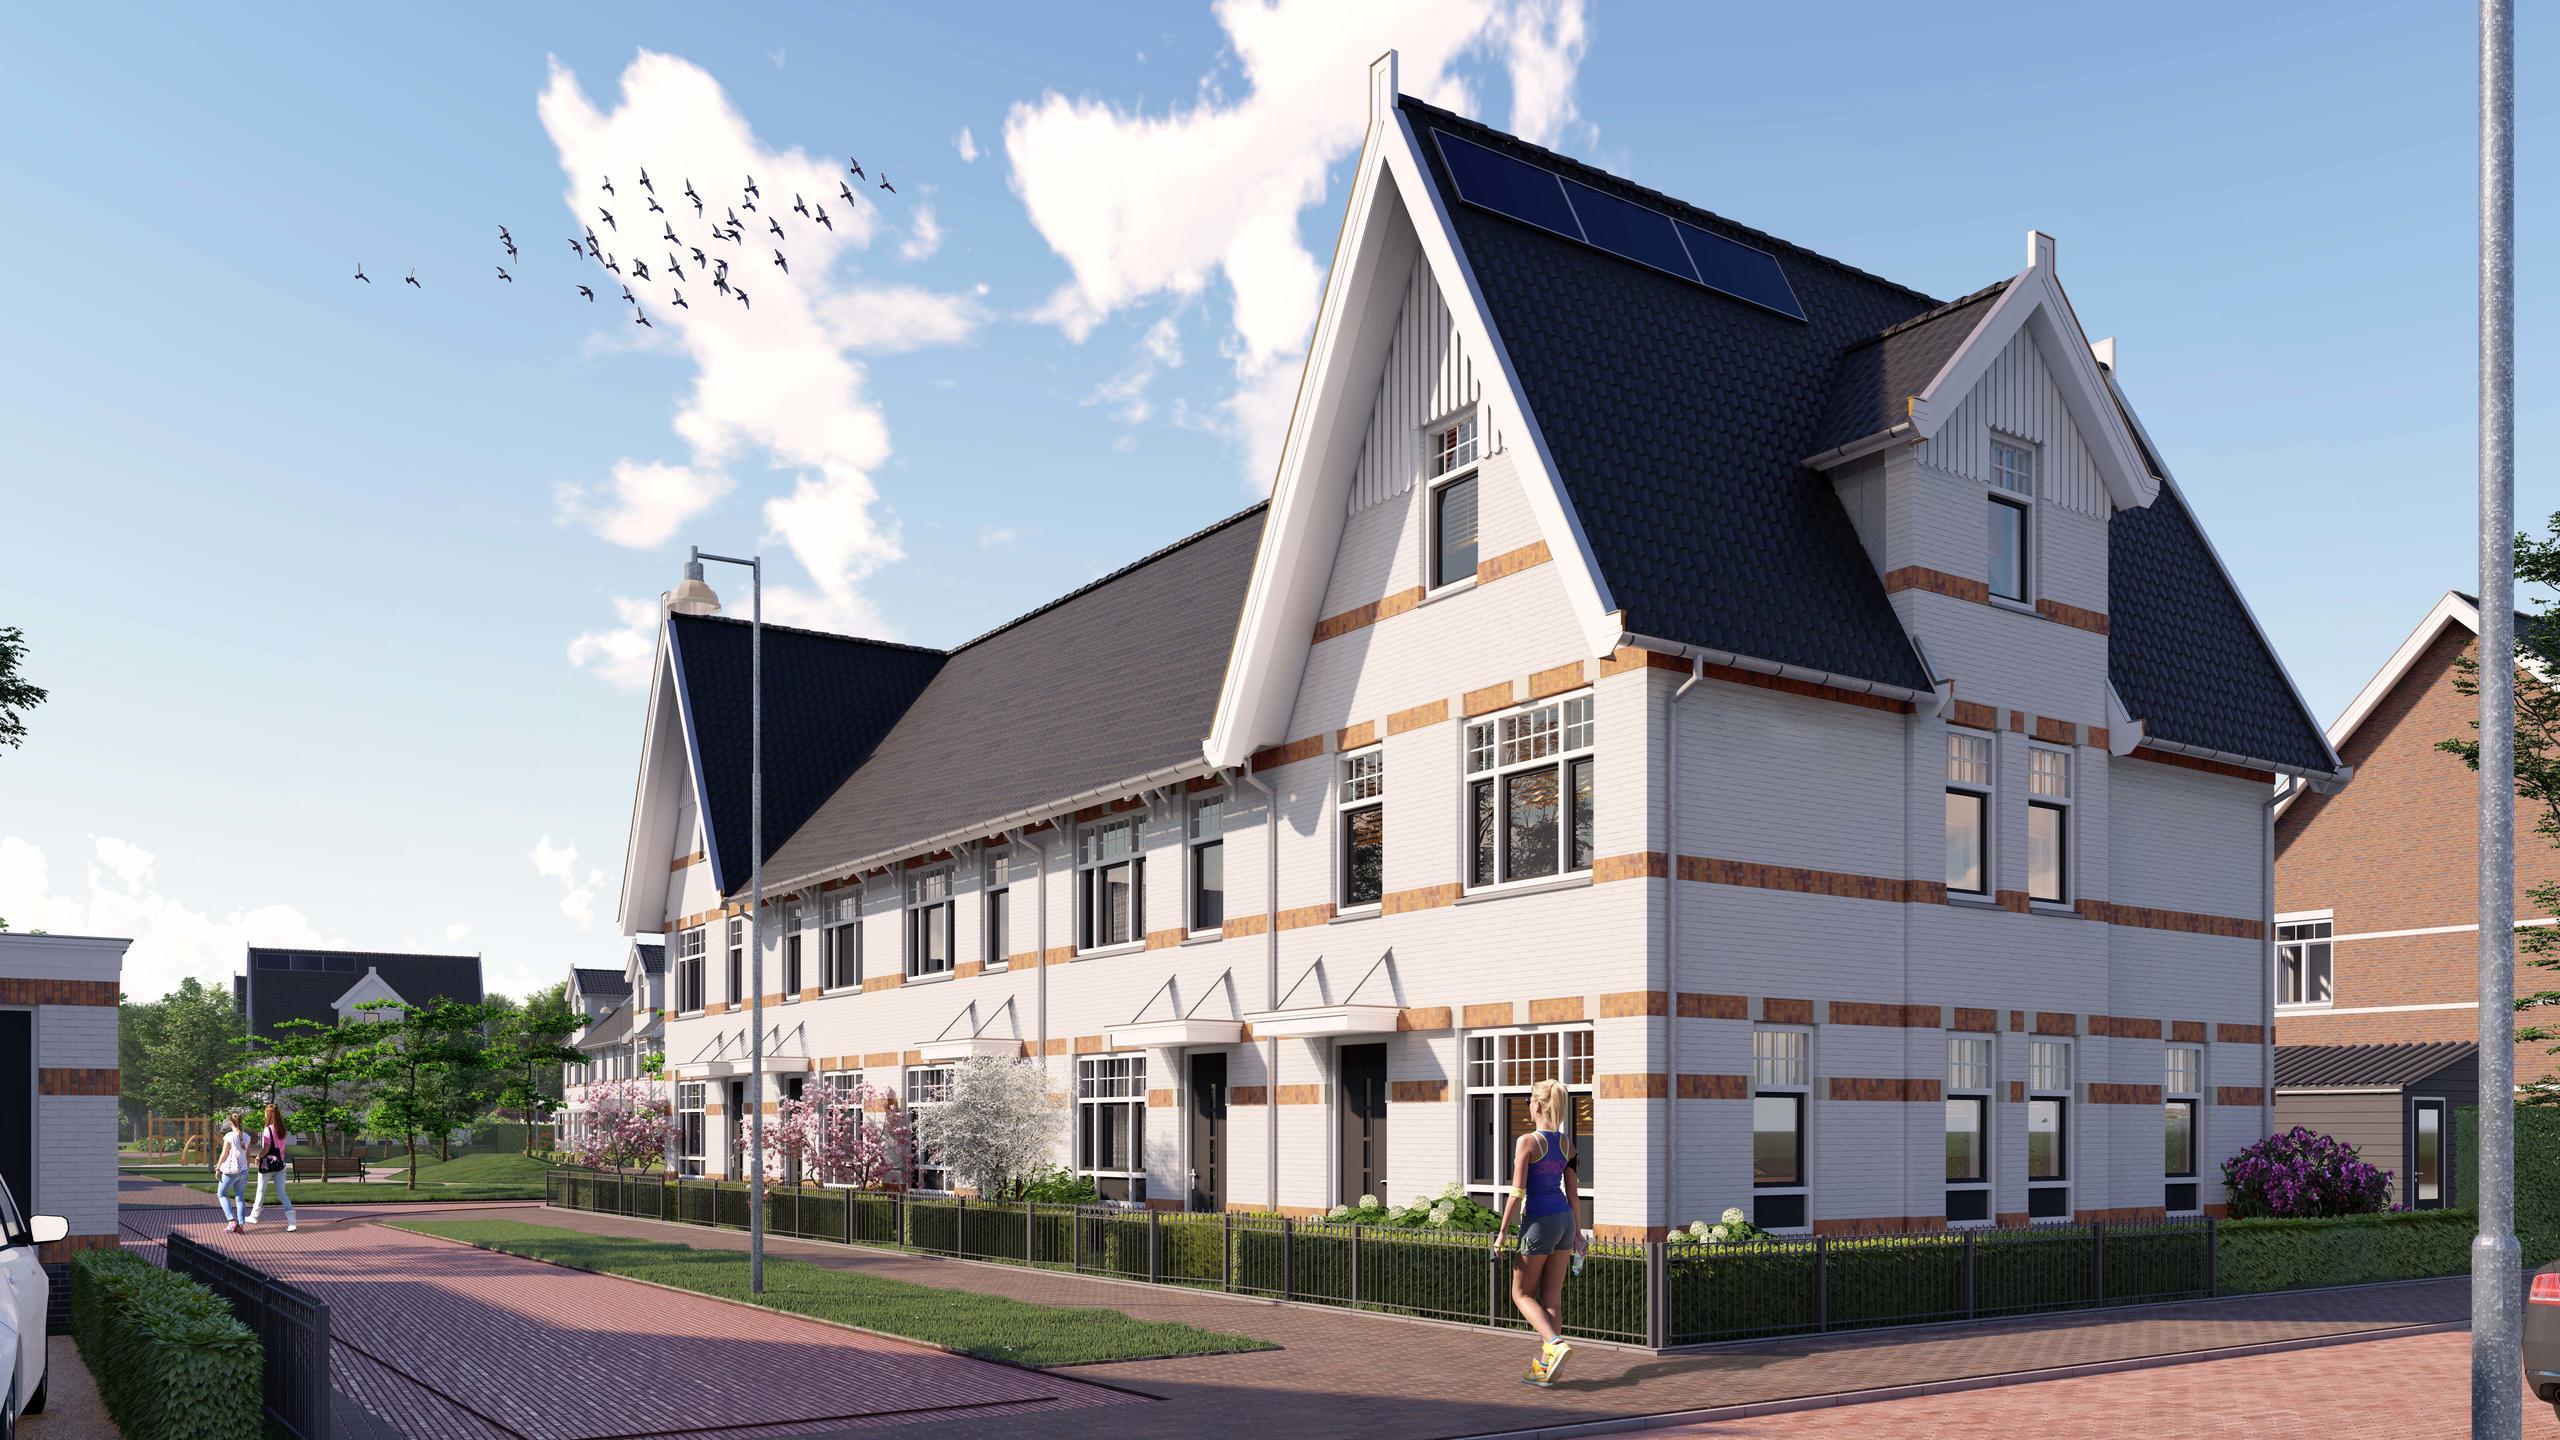 Lunshof makelaars Amstelveen en Amsterdam - Fort Blauwkapelhof 29  Weesp